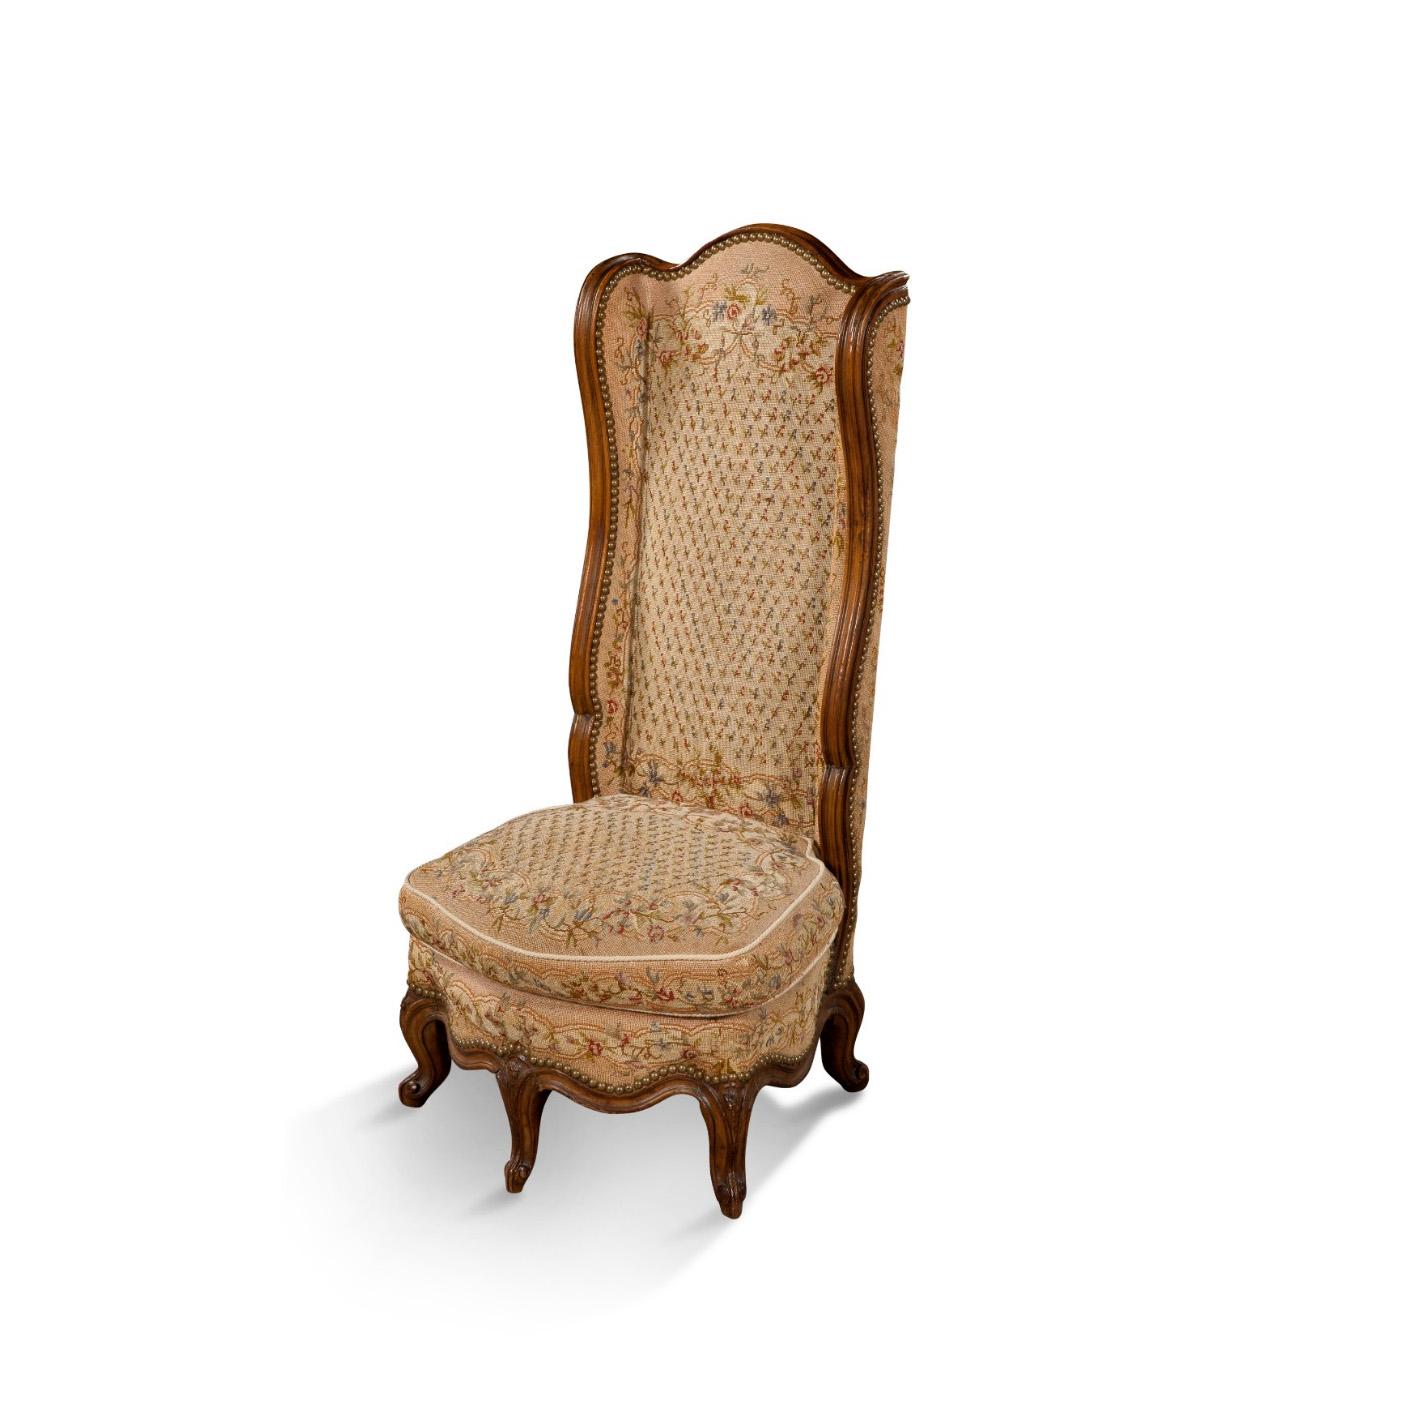 1183€ XVIIIesiècle, chaise ponteuse en bois naturel mouluré sculpté sur cinq petits pieds à enroulements, 104x45x38cm. Neuilly, 10